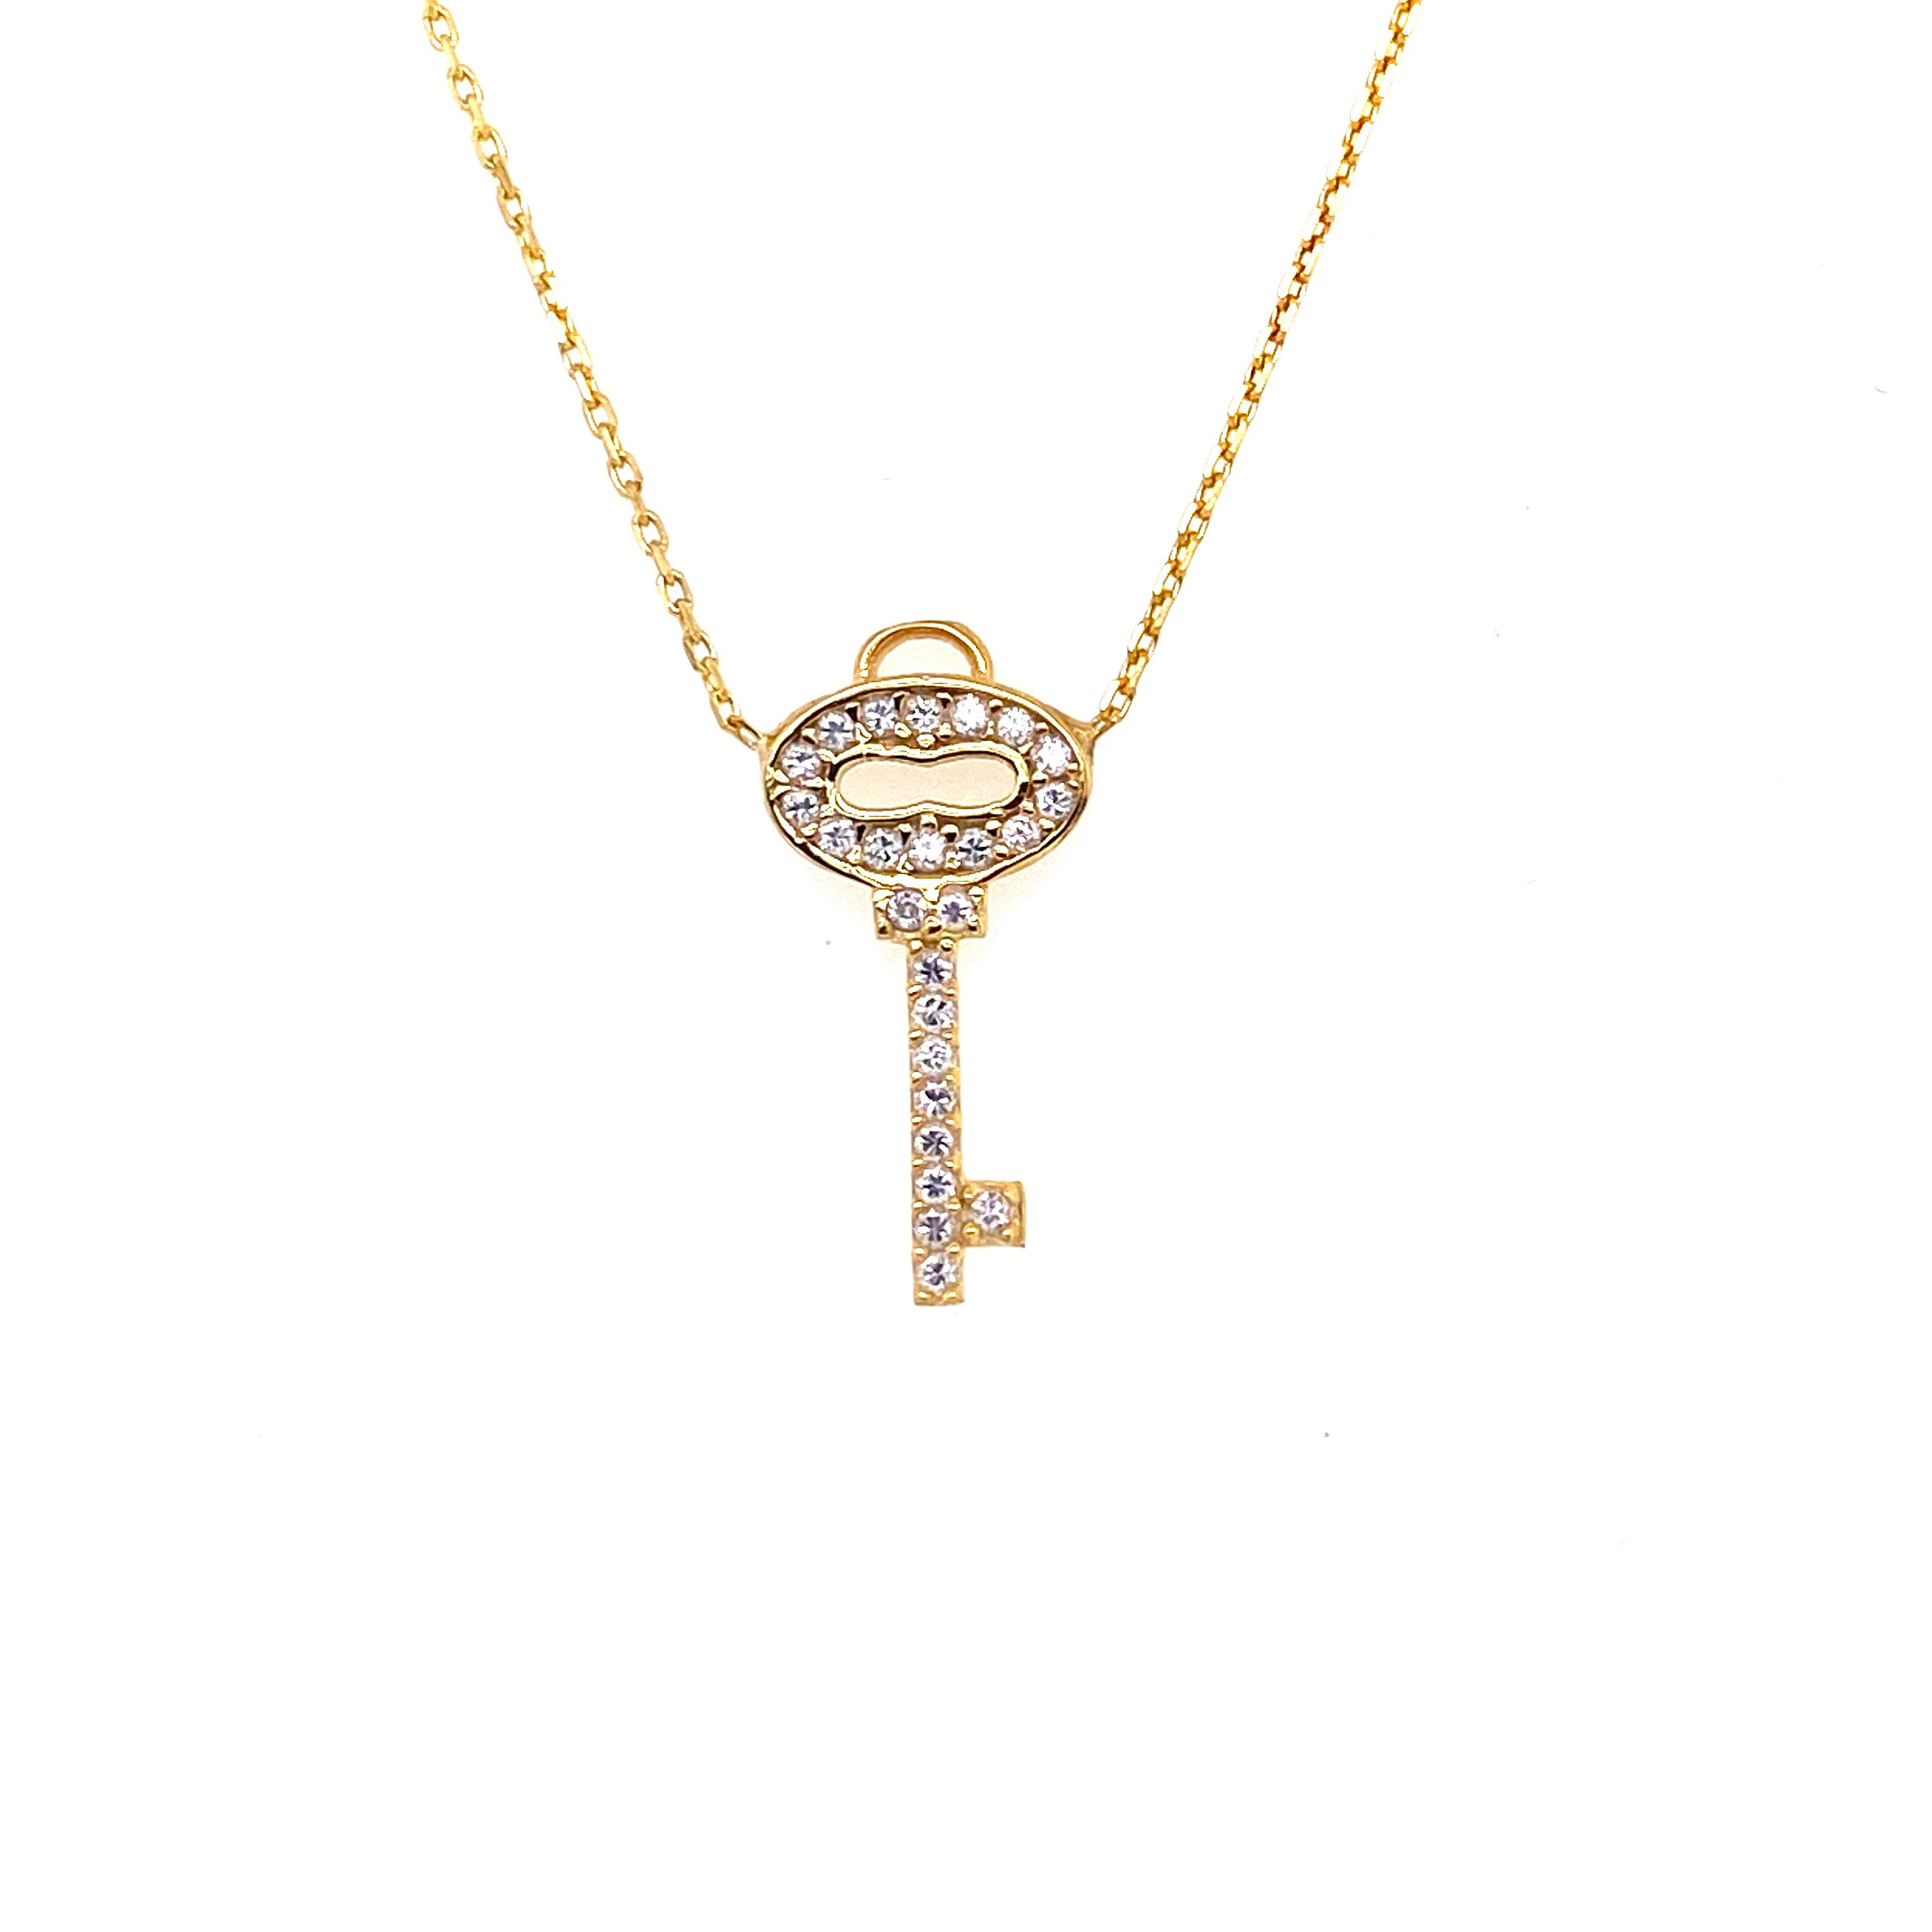 925 Silber Halskette | Schlüssel zur Liebe